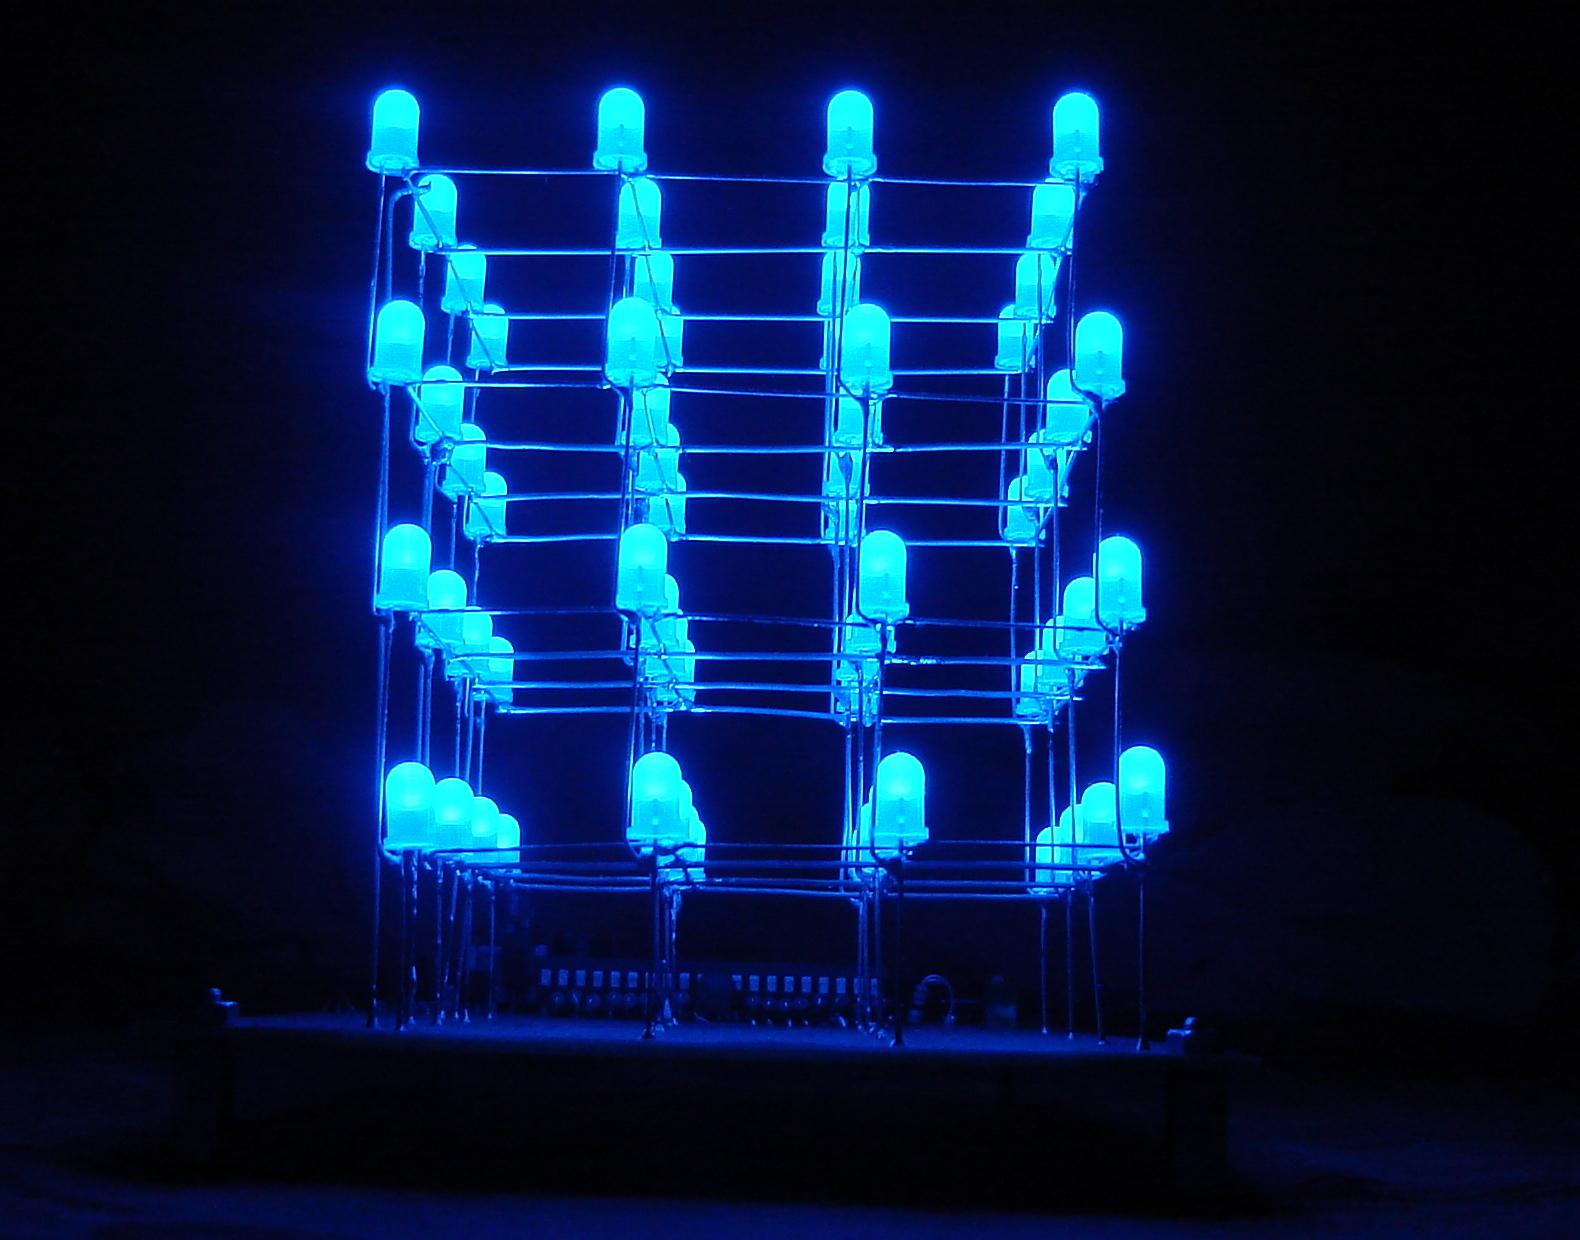 Led Cube 4x4x4 Atmega16 C